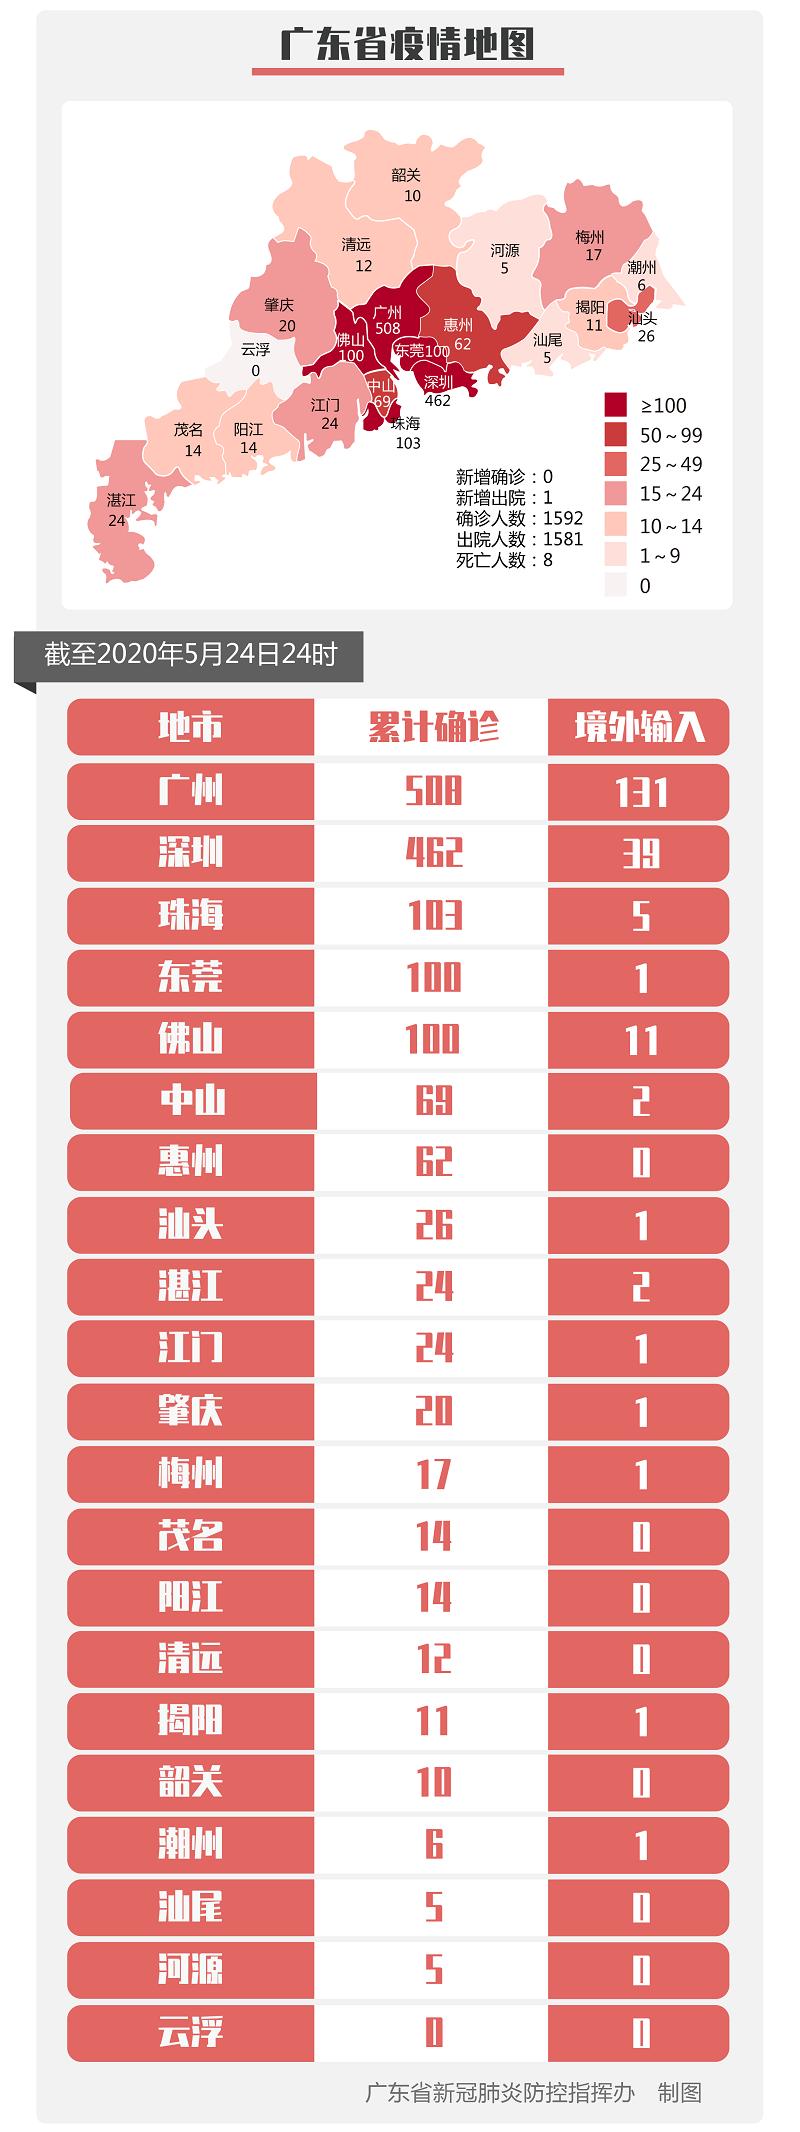 5月24日0-24时,广东省无新增确诊病例 无新增无症状感染者 新增出院1例